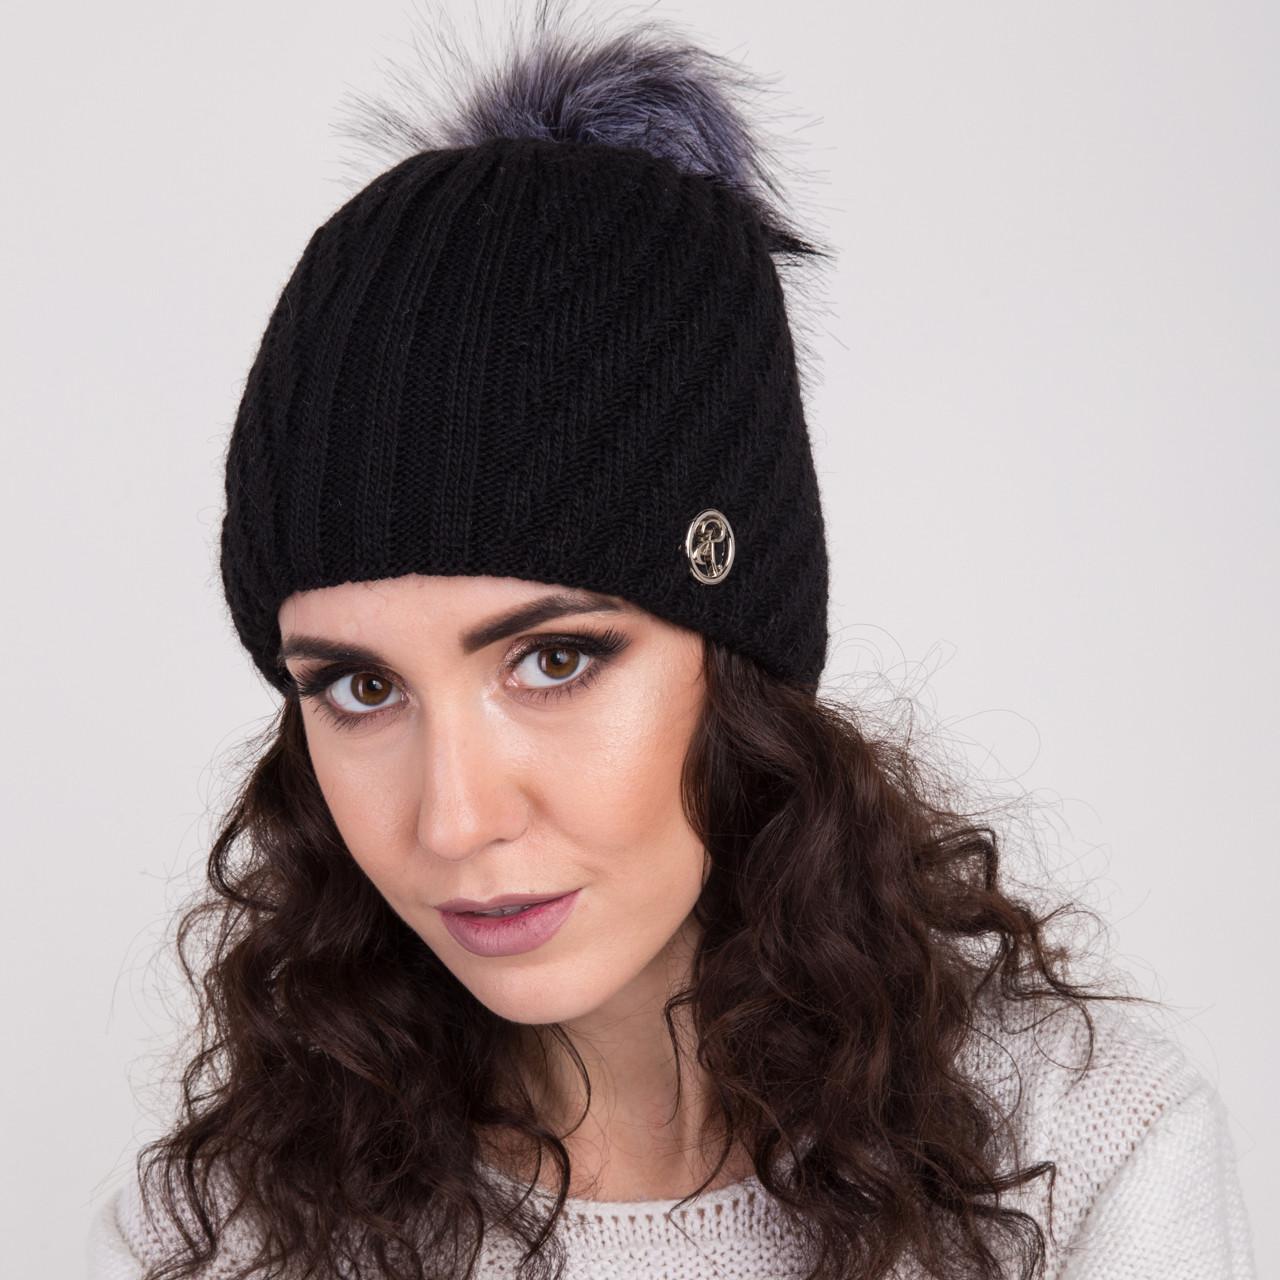 Женская вязанная шапка с меховым помпоном - зима 2018 - Артикул 2148 (черный)